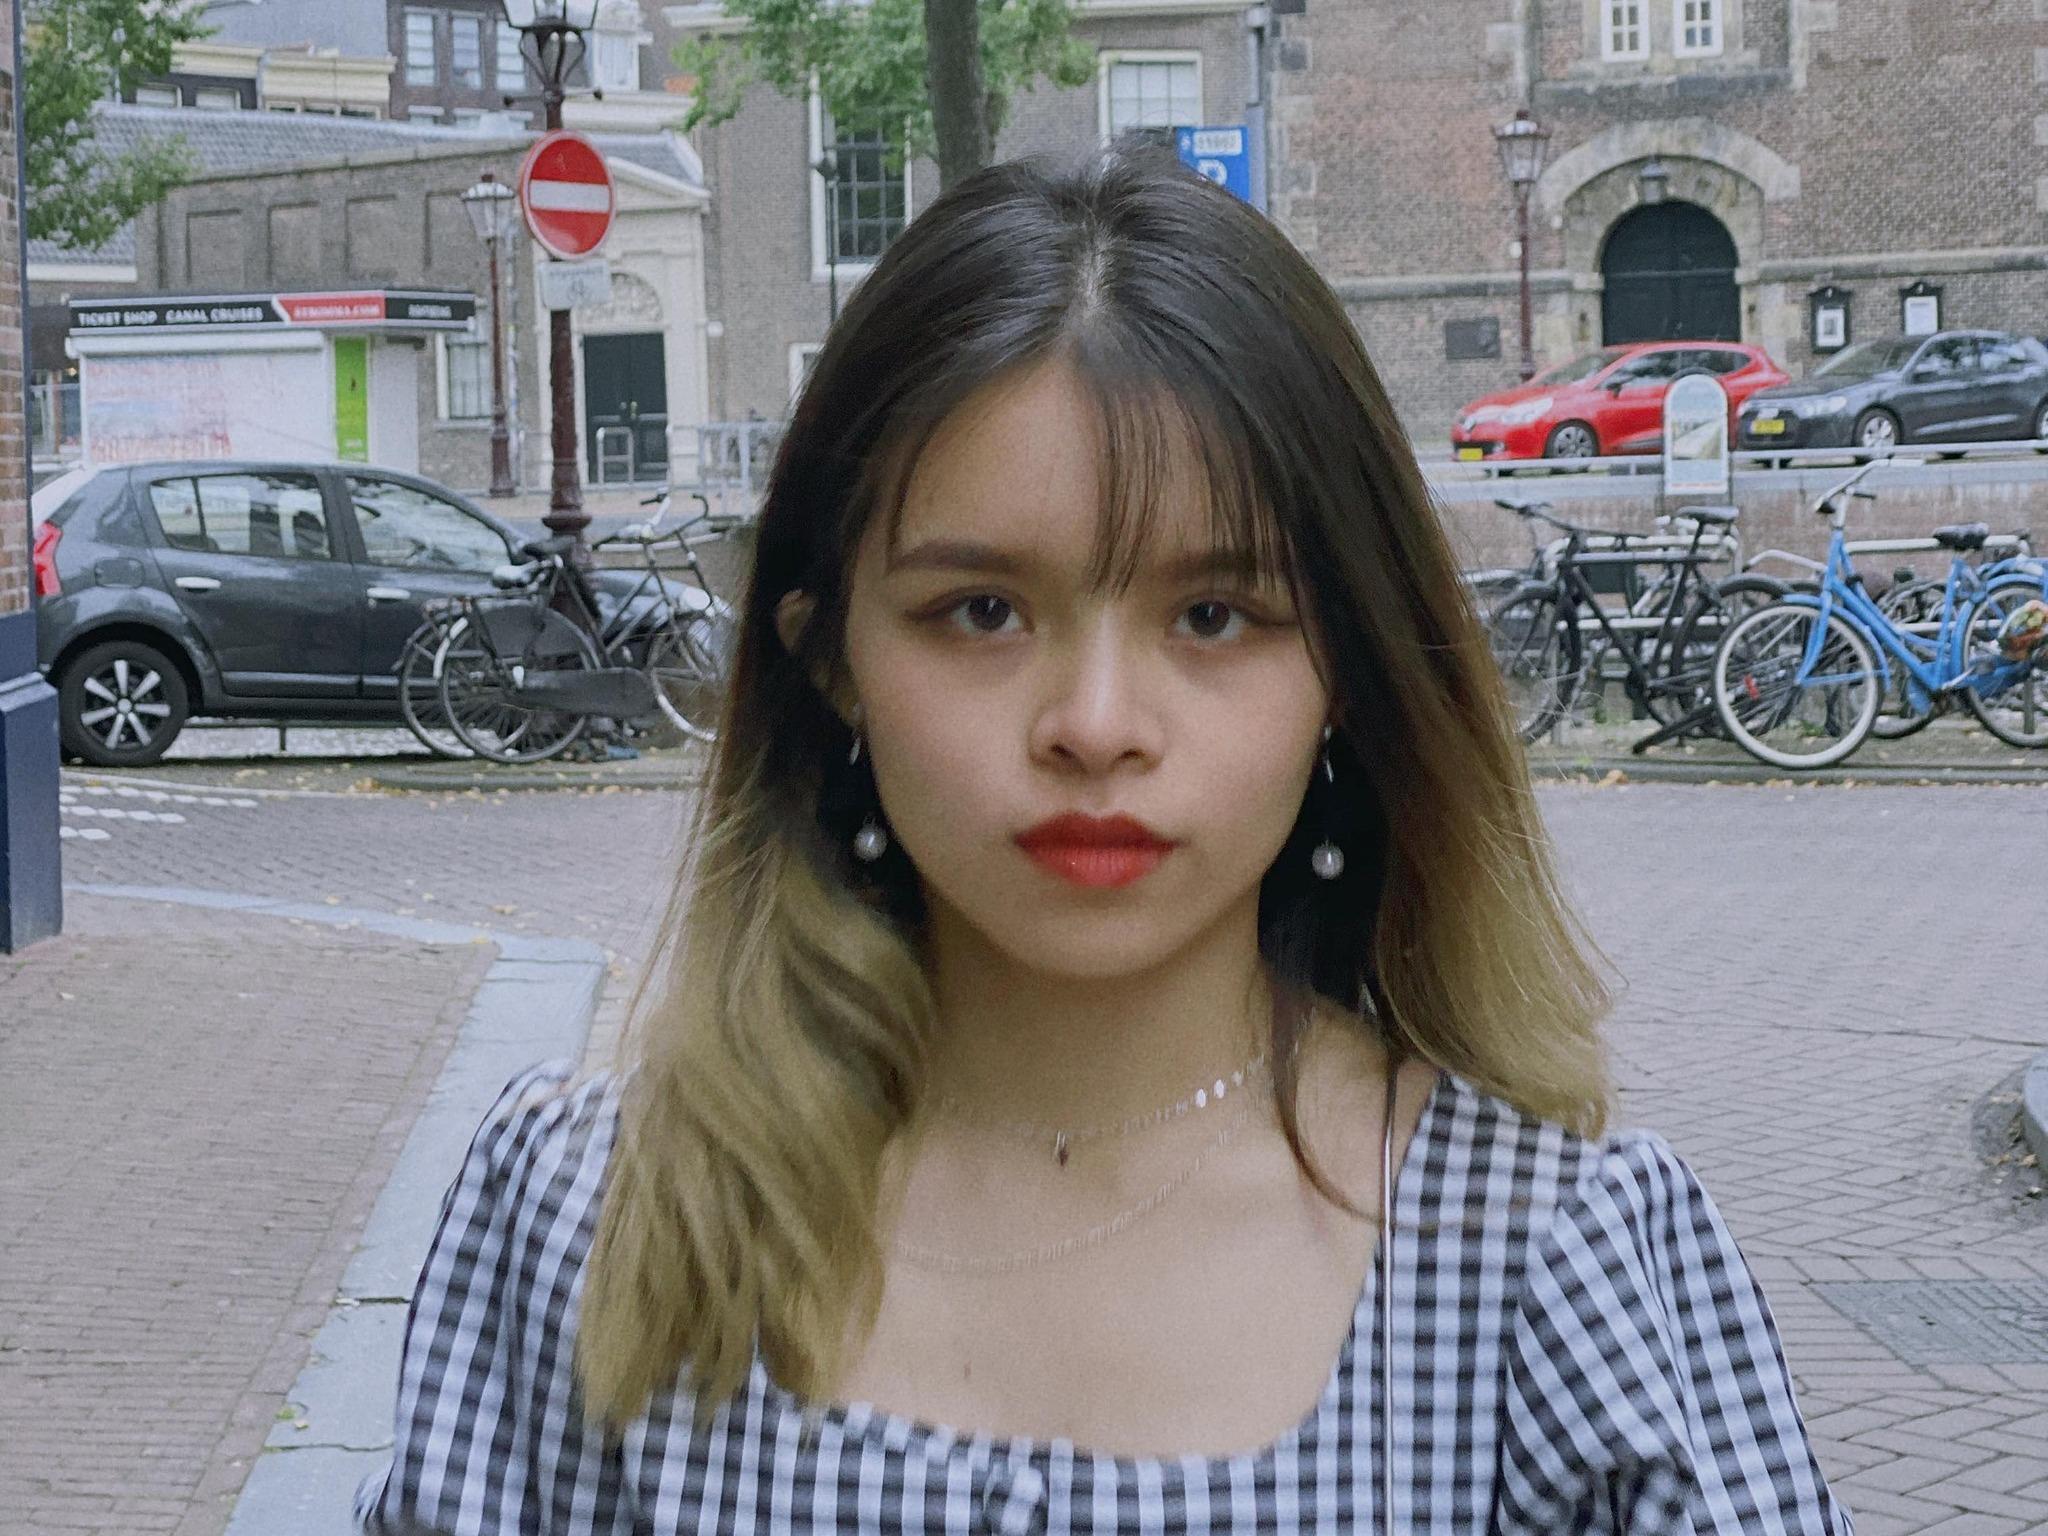 Trần Hồng Yên, 21 tuổi, du học sinh Việt Nam tại thành phố Münster, Đức. Ảnh: Nhân vật cung cấp.